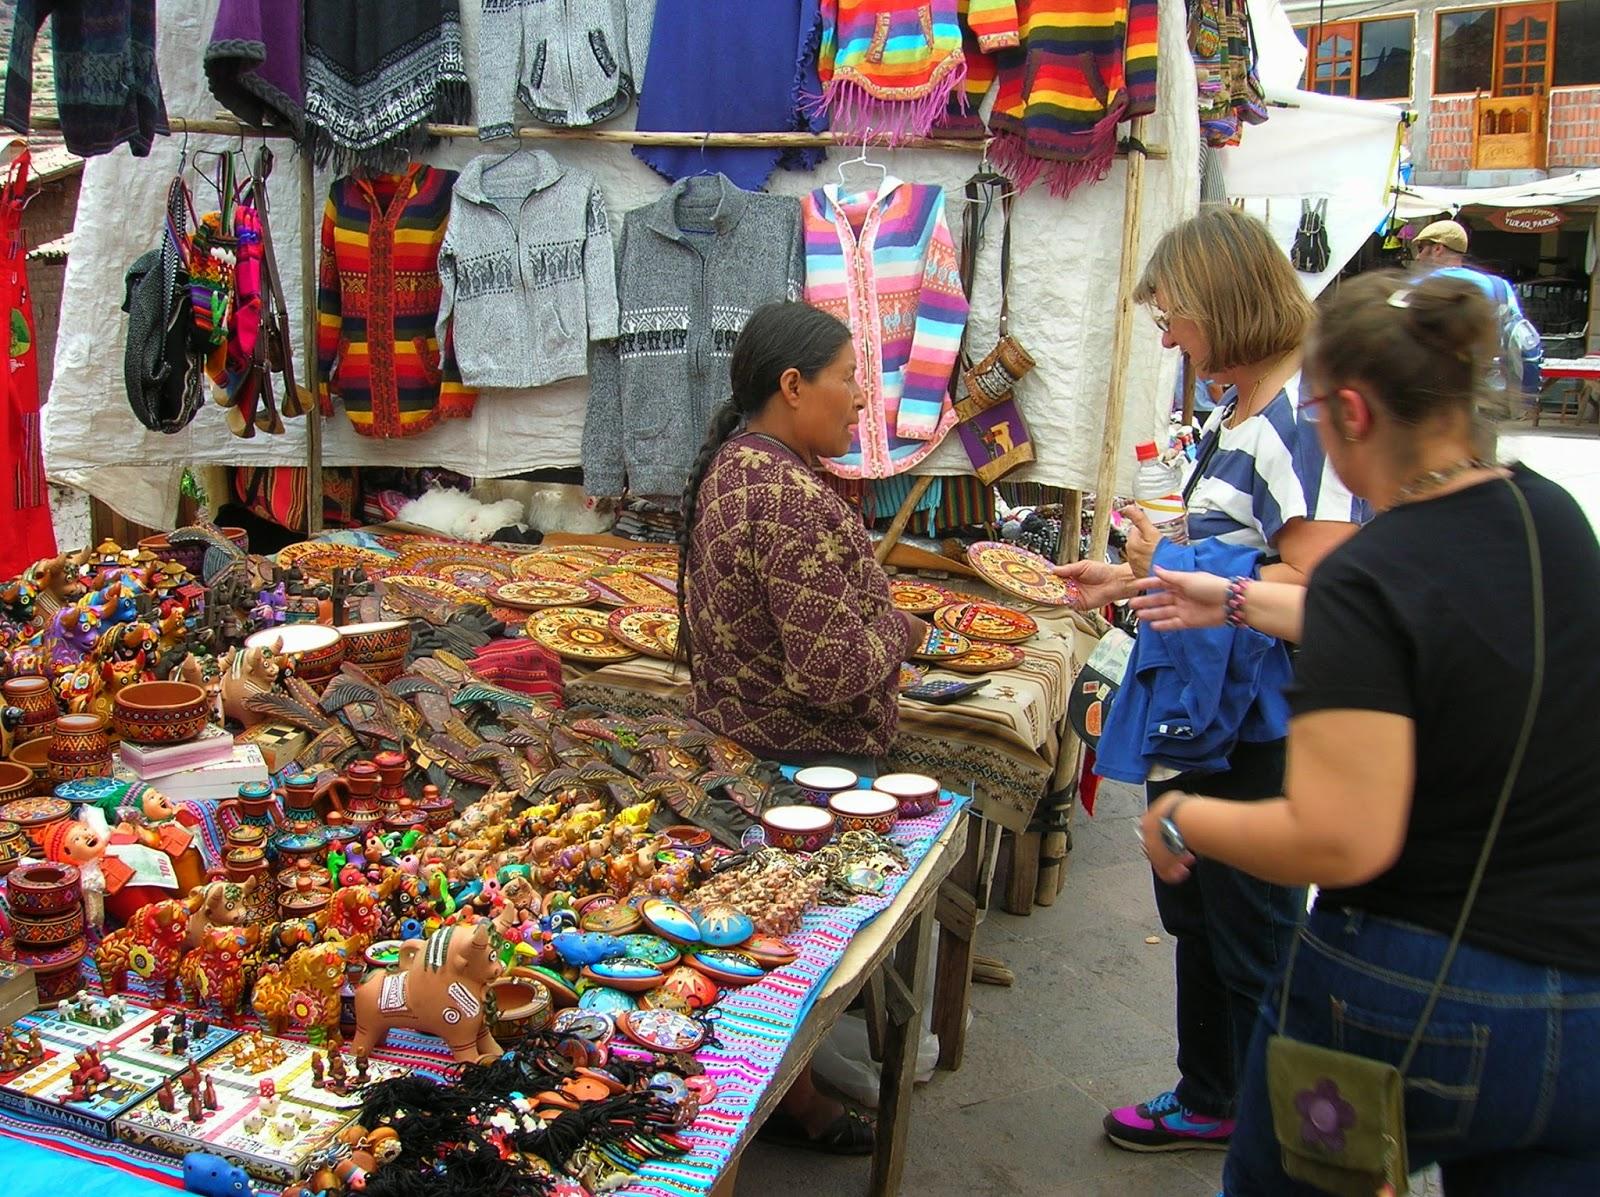 Mercadillo artesanía, Pisac, Perú, La vuelta al mundo de Asun y Ricardo, round the world, mundoporlibre.com